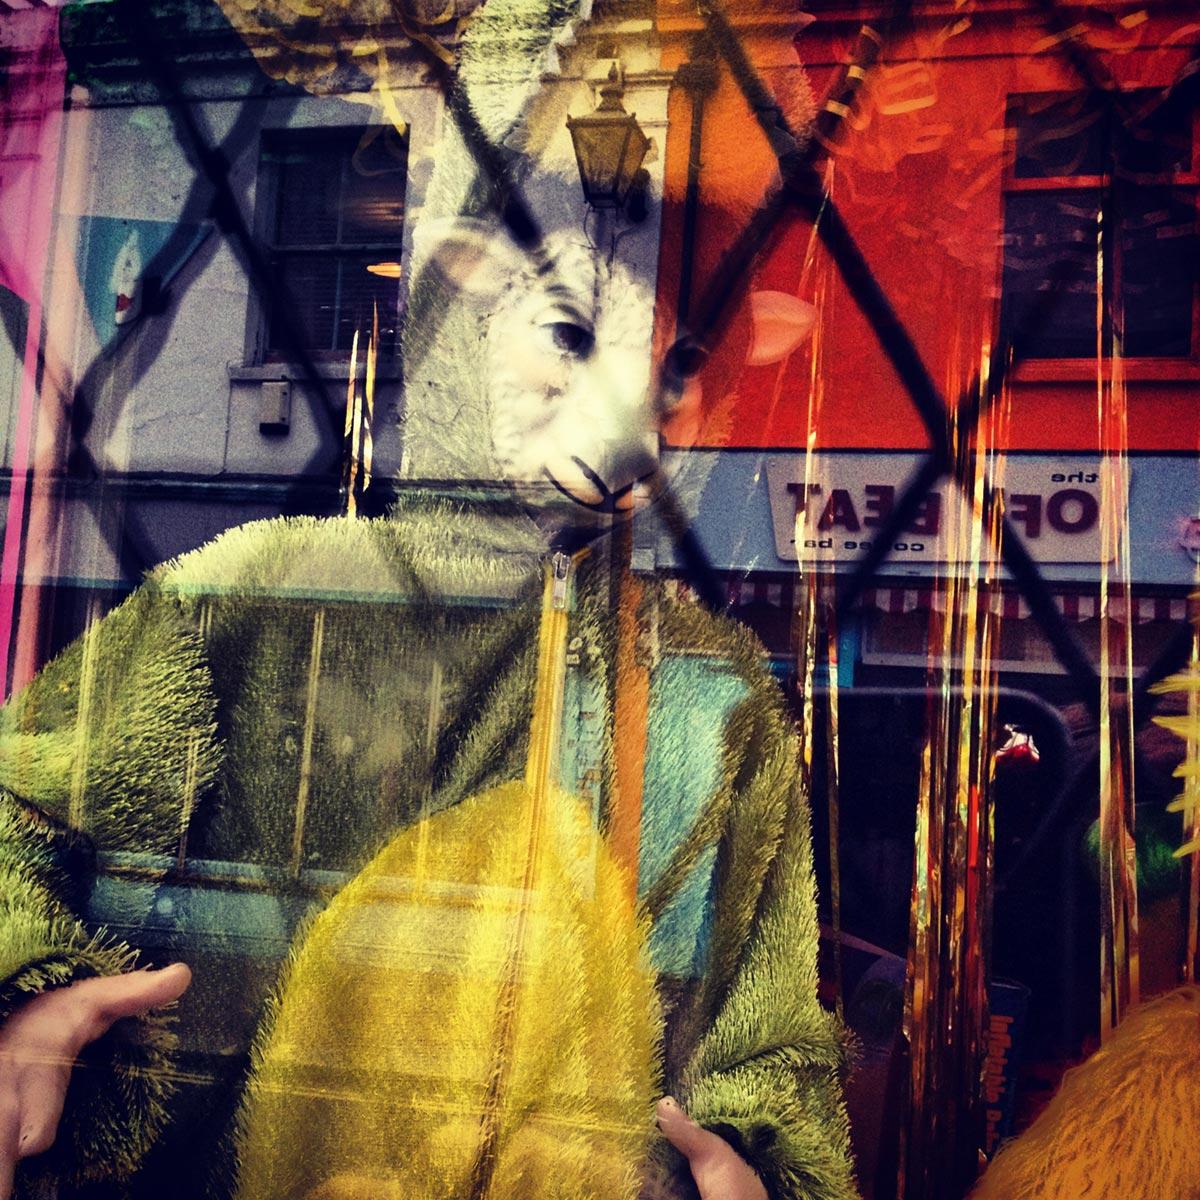 Rondom shop window, North Lanes, Brighton